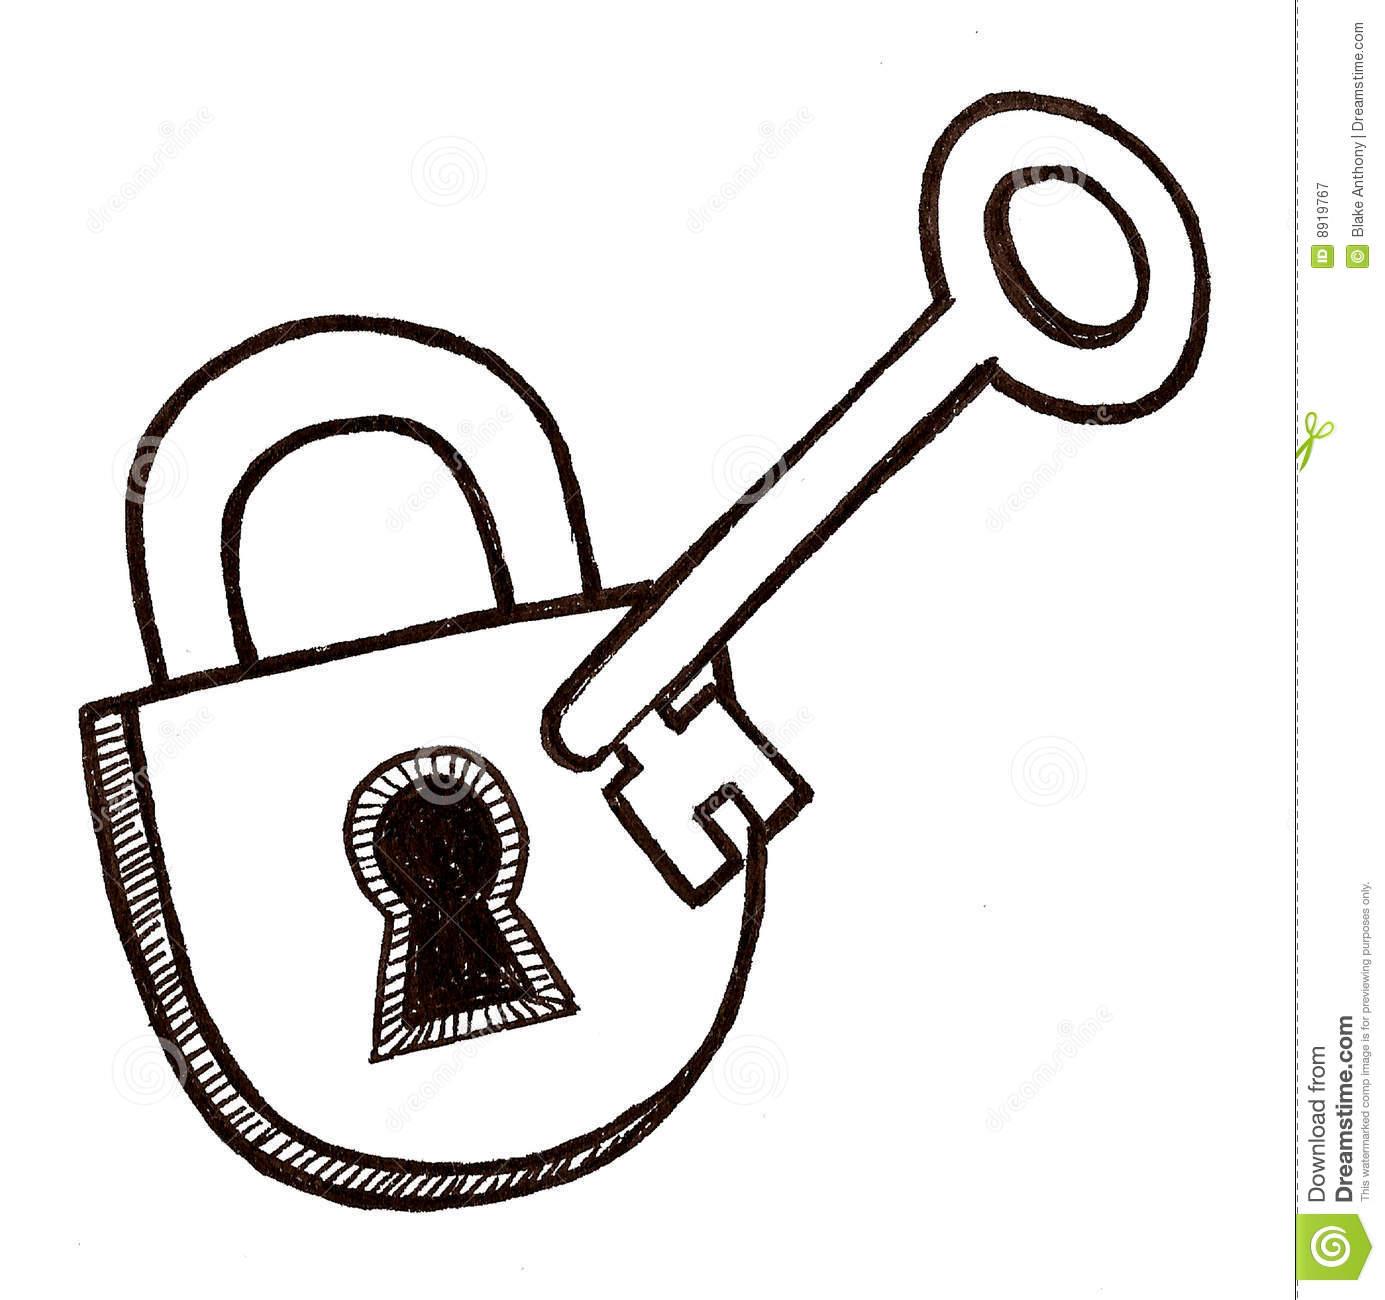 Key clipart kid. Locked door free download